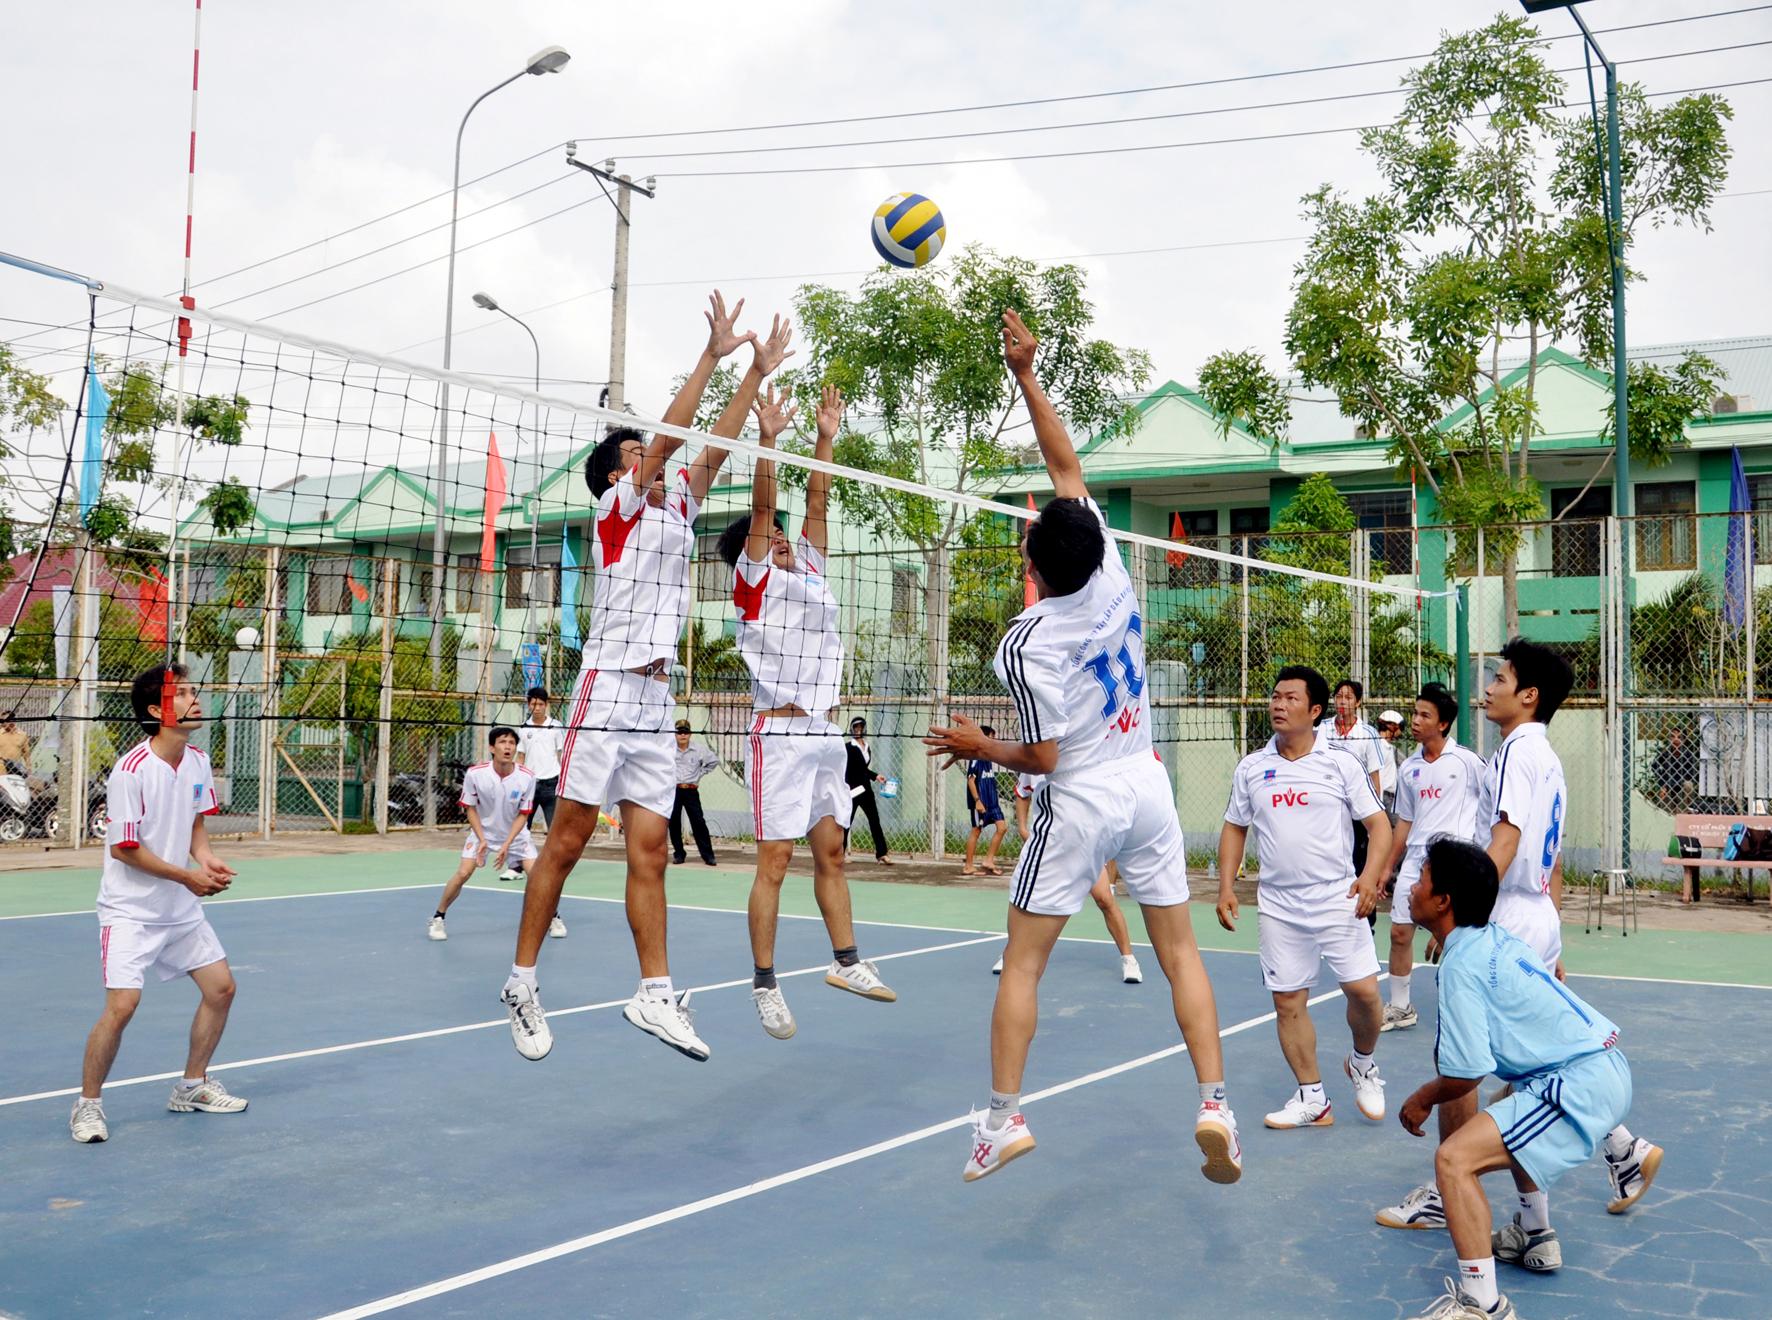 Hình thức tổ chức hoạt động thể dục, thể thao trong các cơ sở dạy nghề